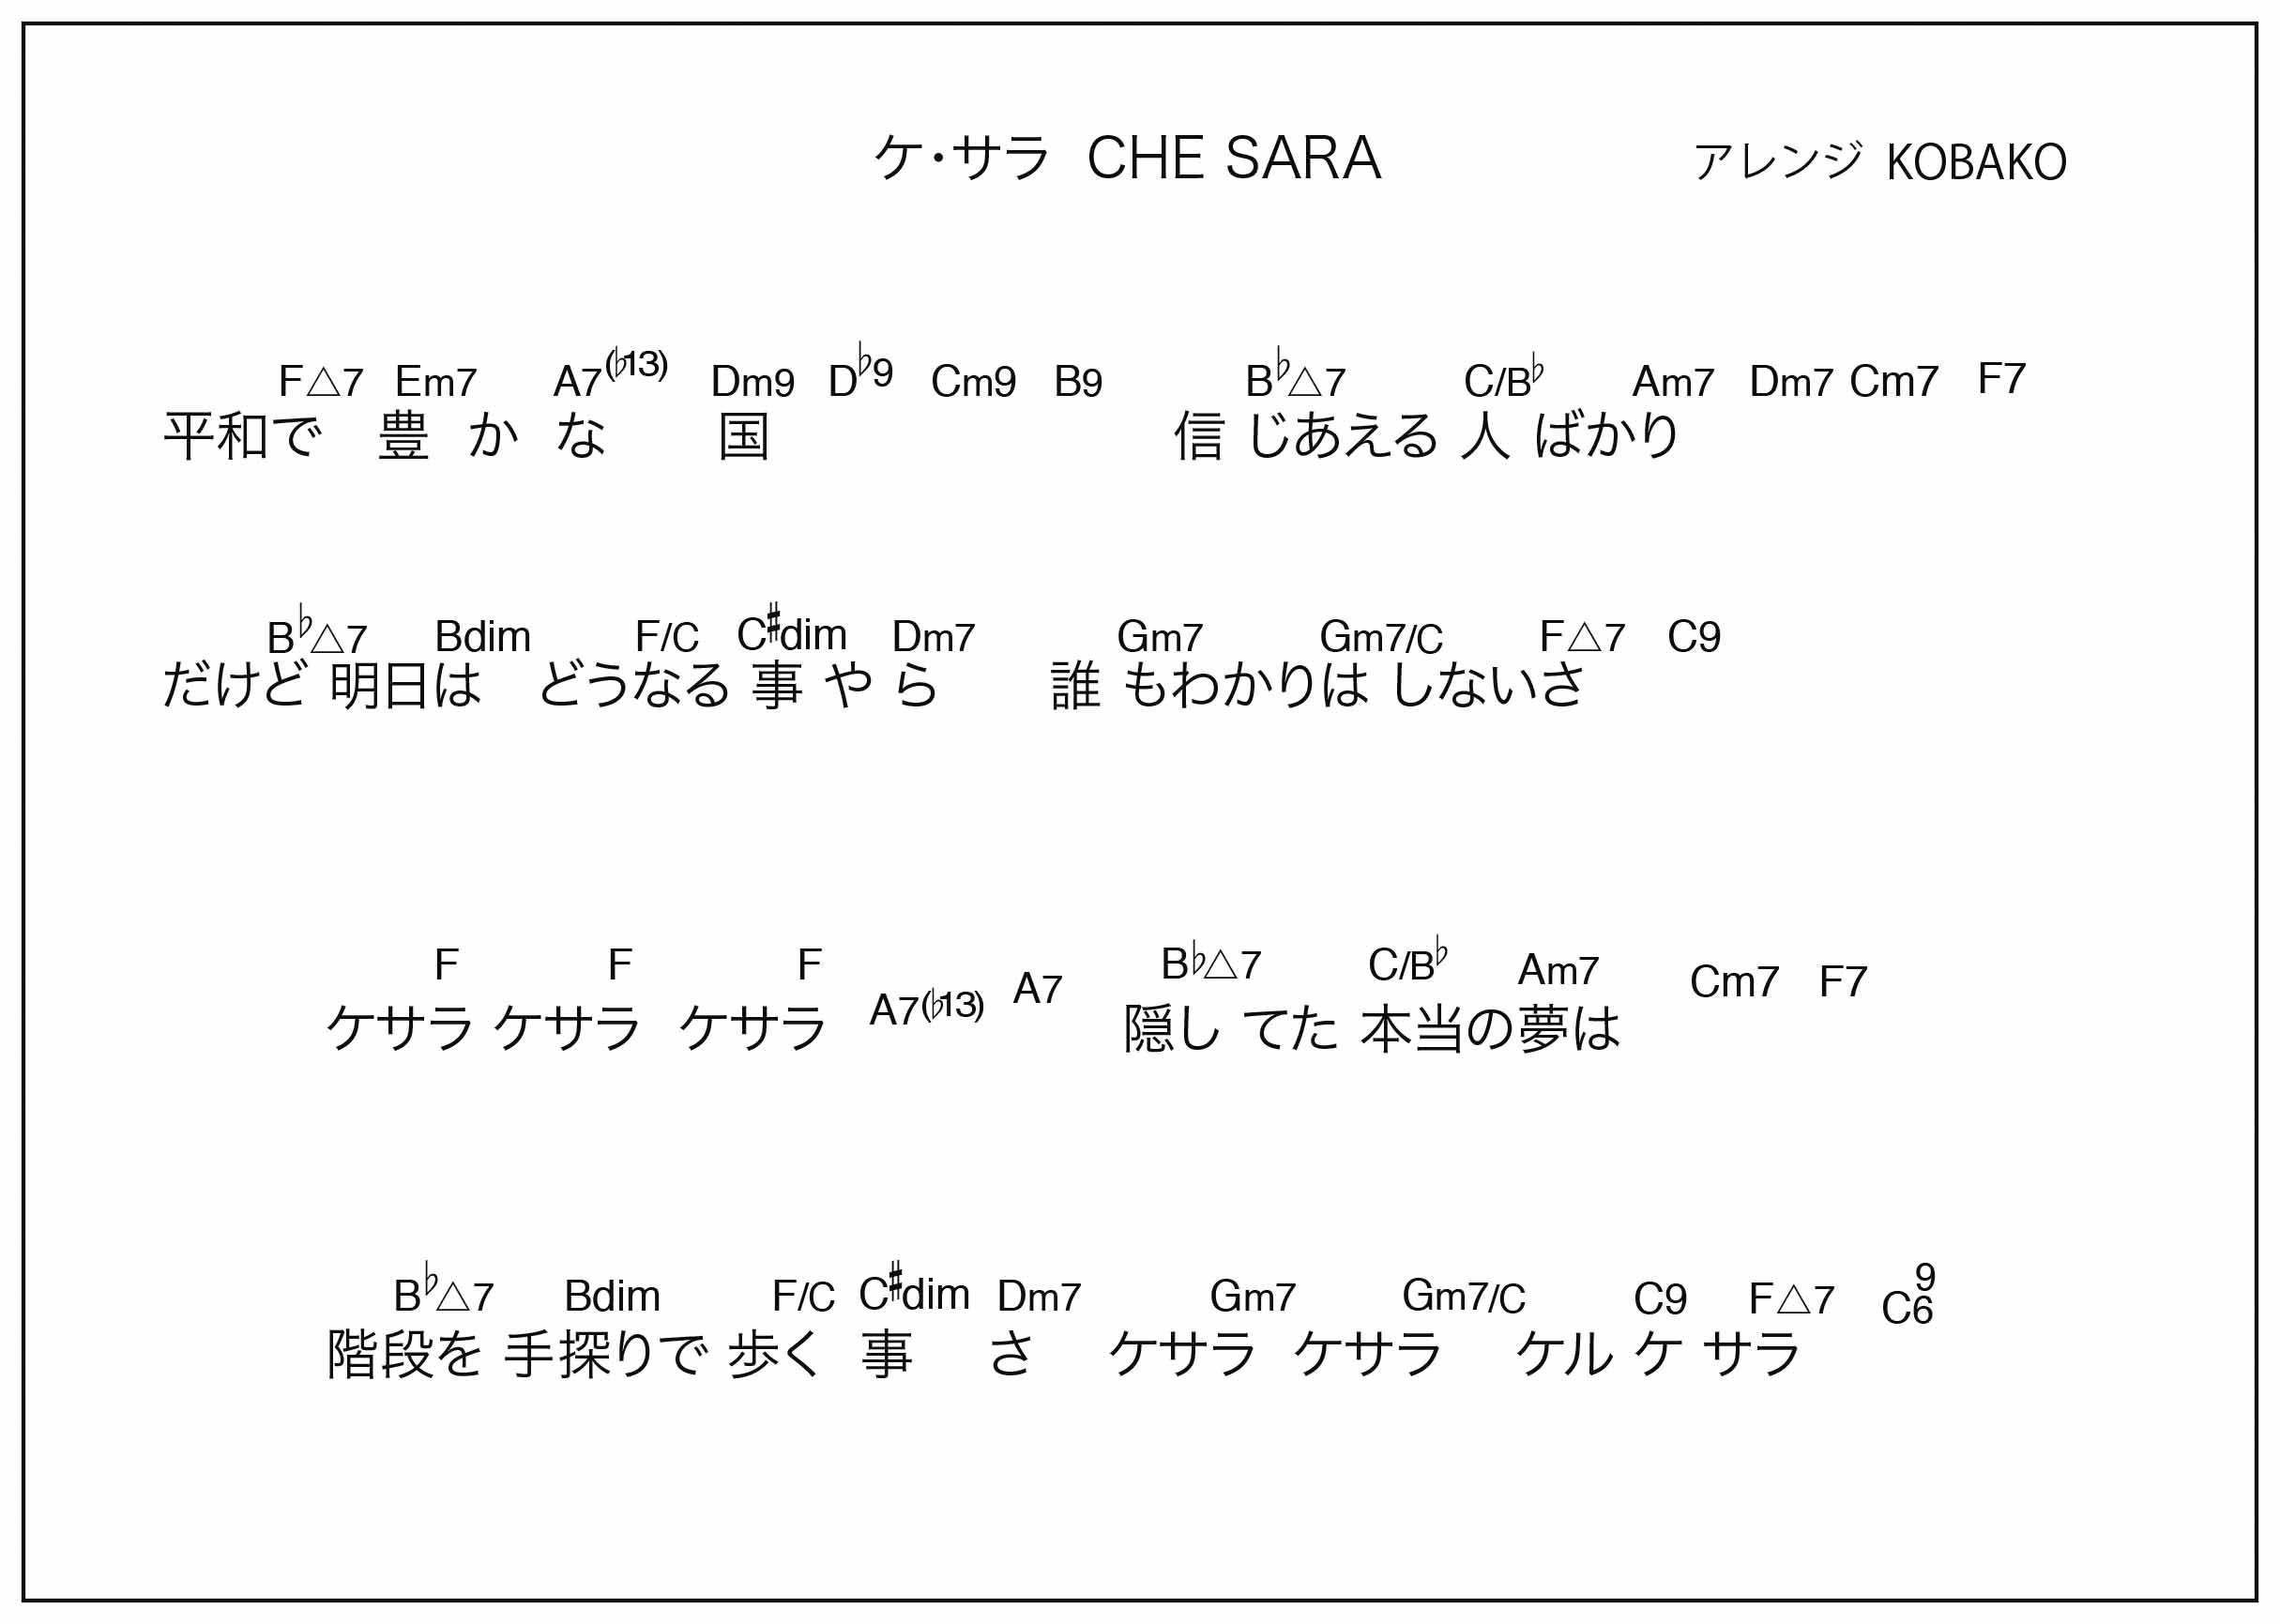 ケサラ CHE SARA 2020